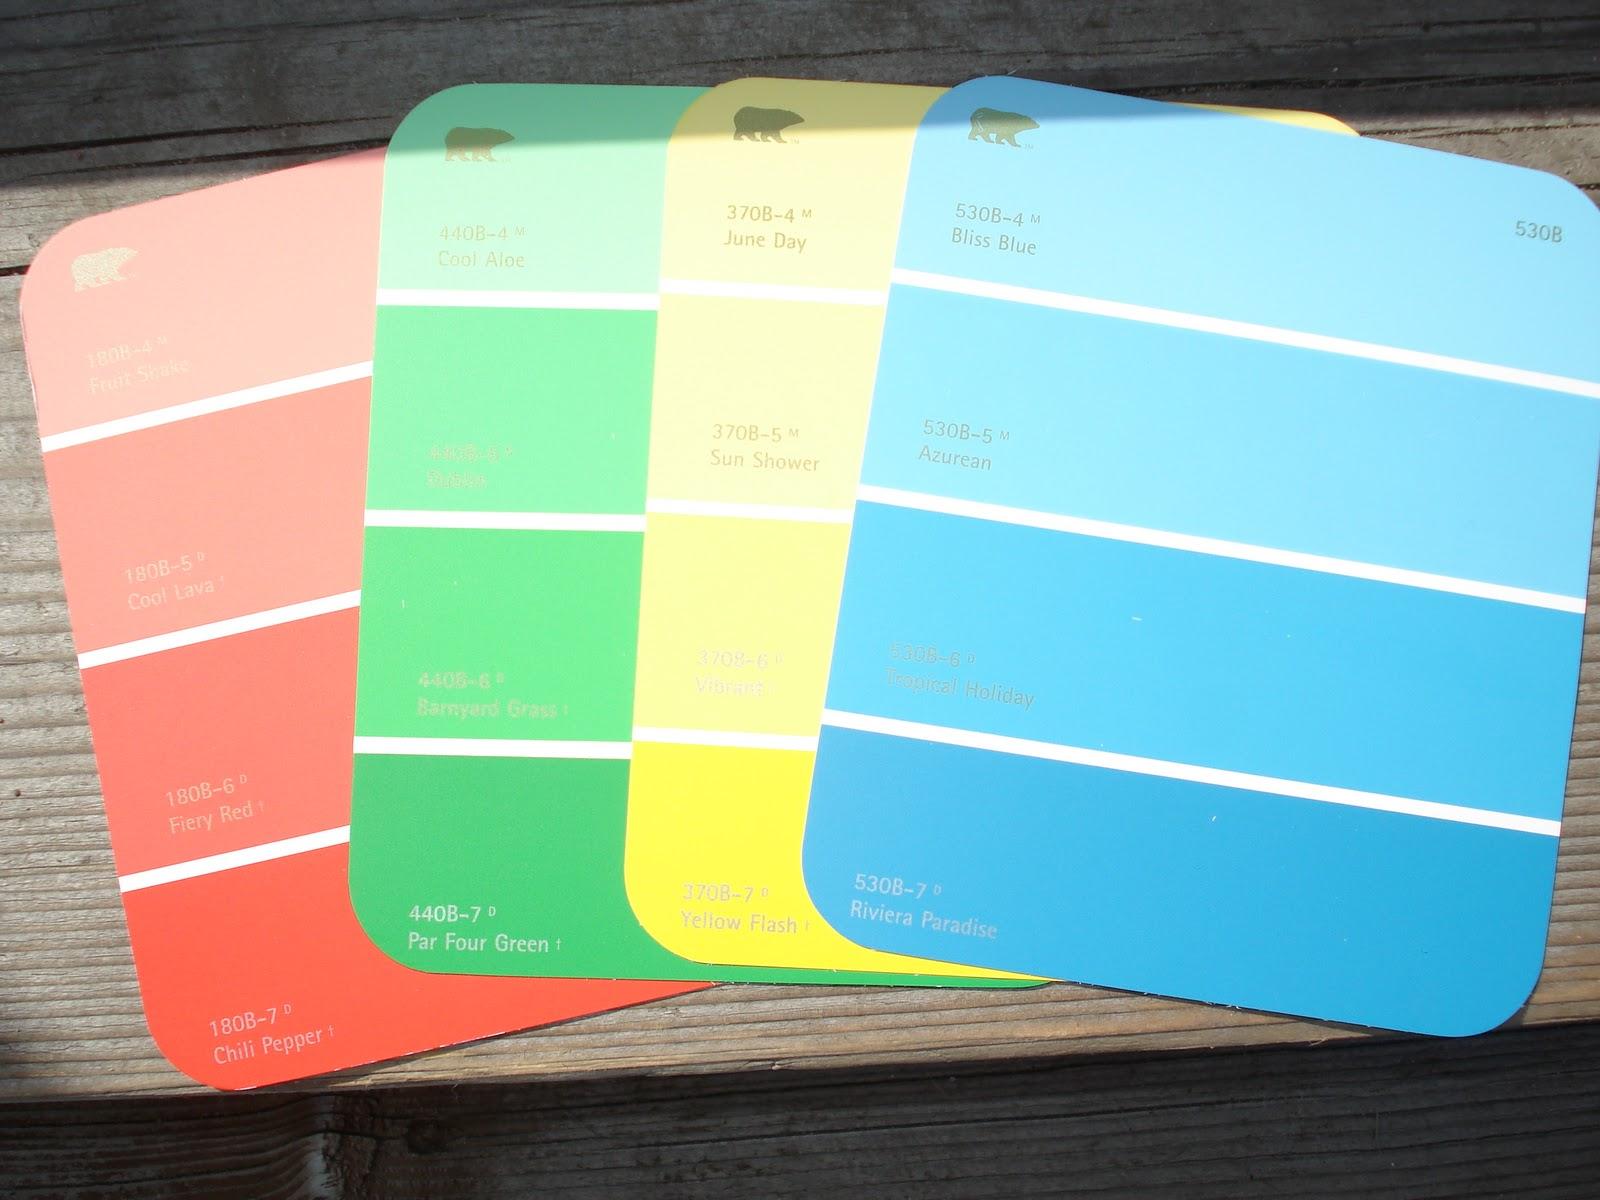 Karen 39 s ideas galore paint chip color match scavenger hunt for Paint color match